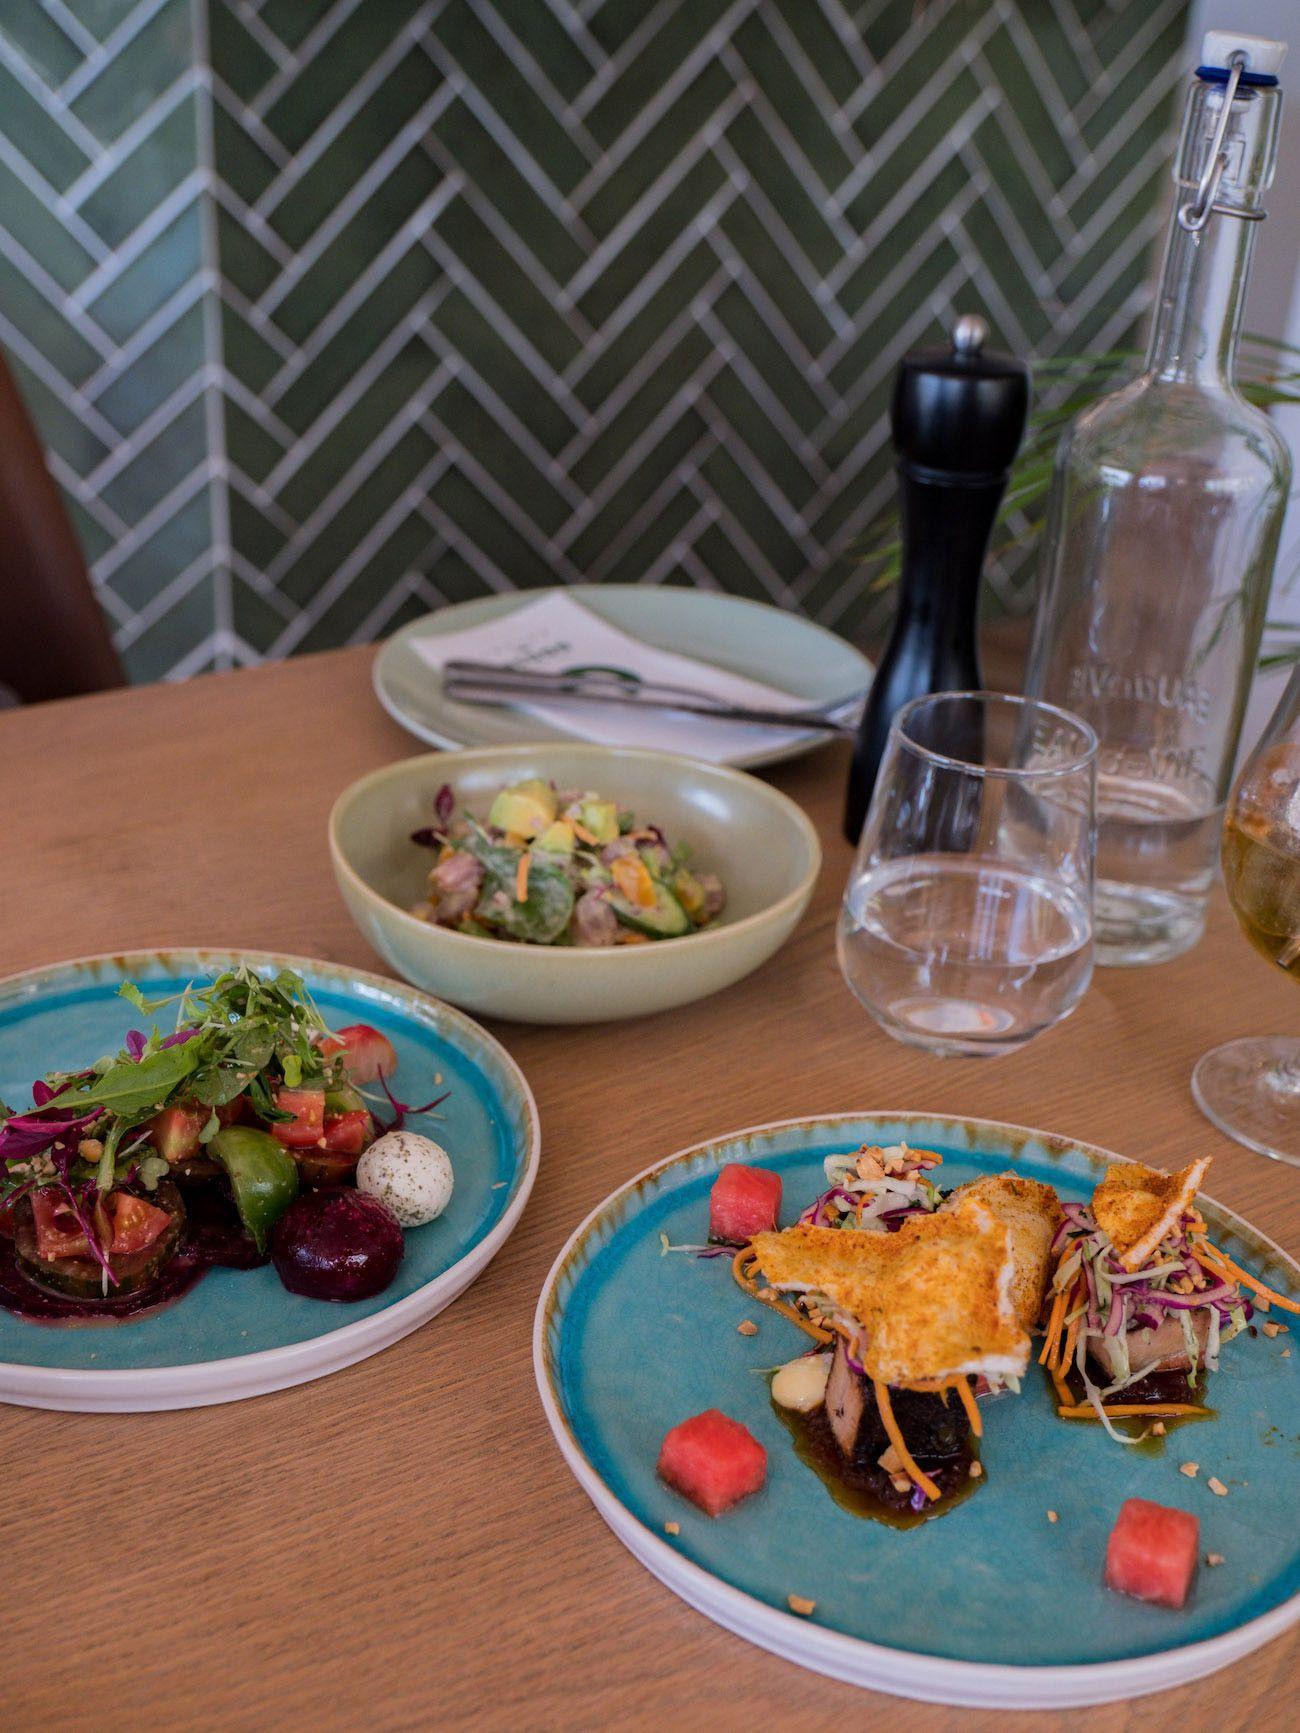 Weinguide Stellenbosch, The Green Goose Eatery, Essen, Wassermelone, Schweinebauch, Rote Beete